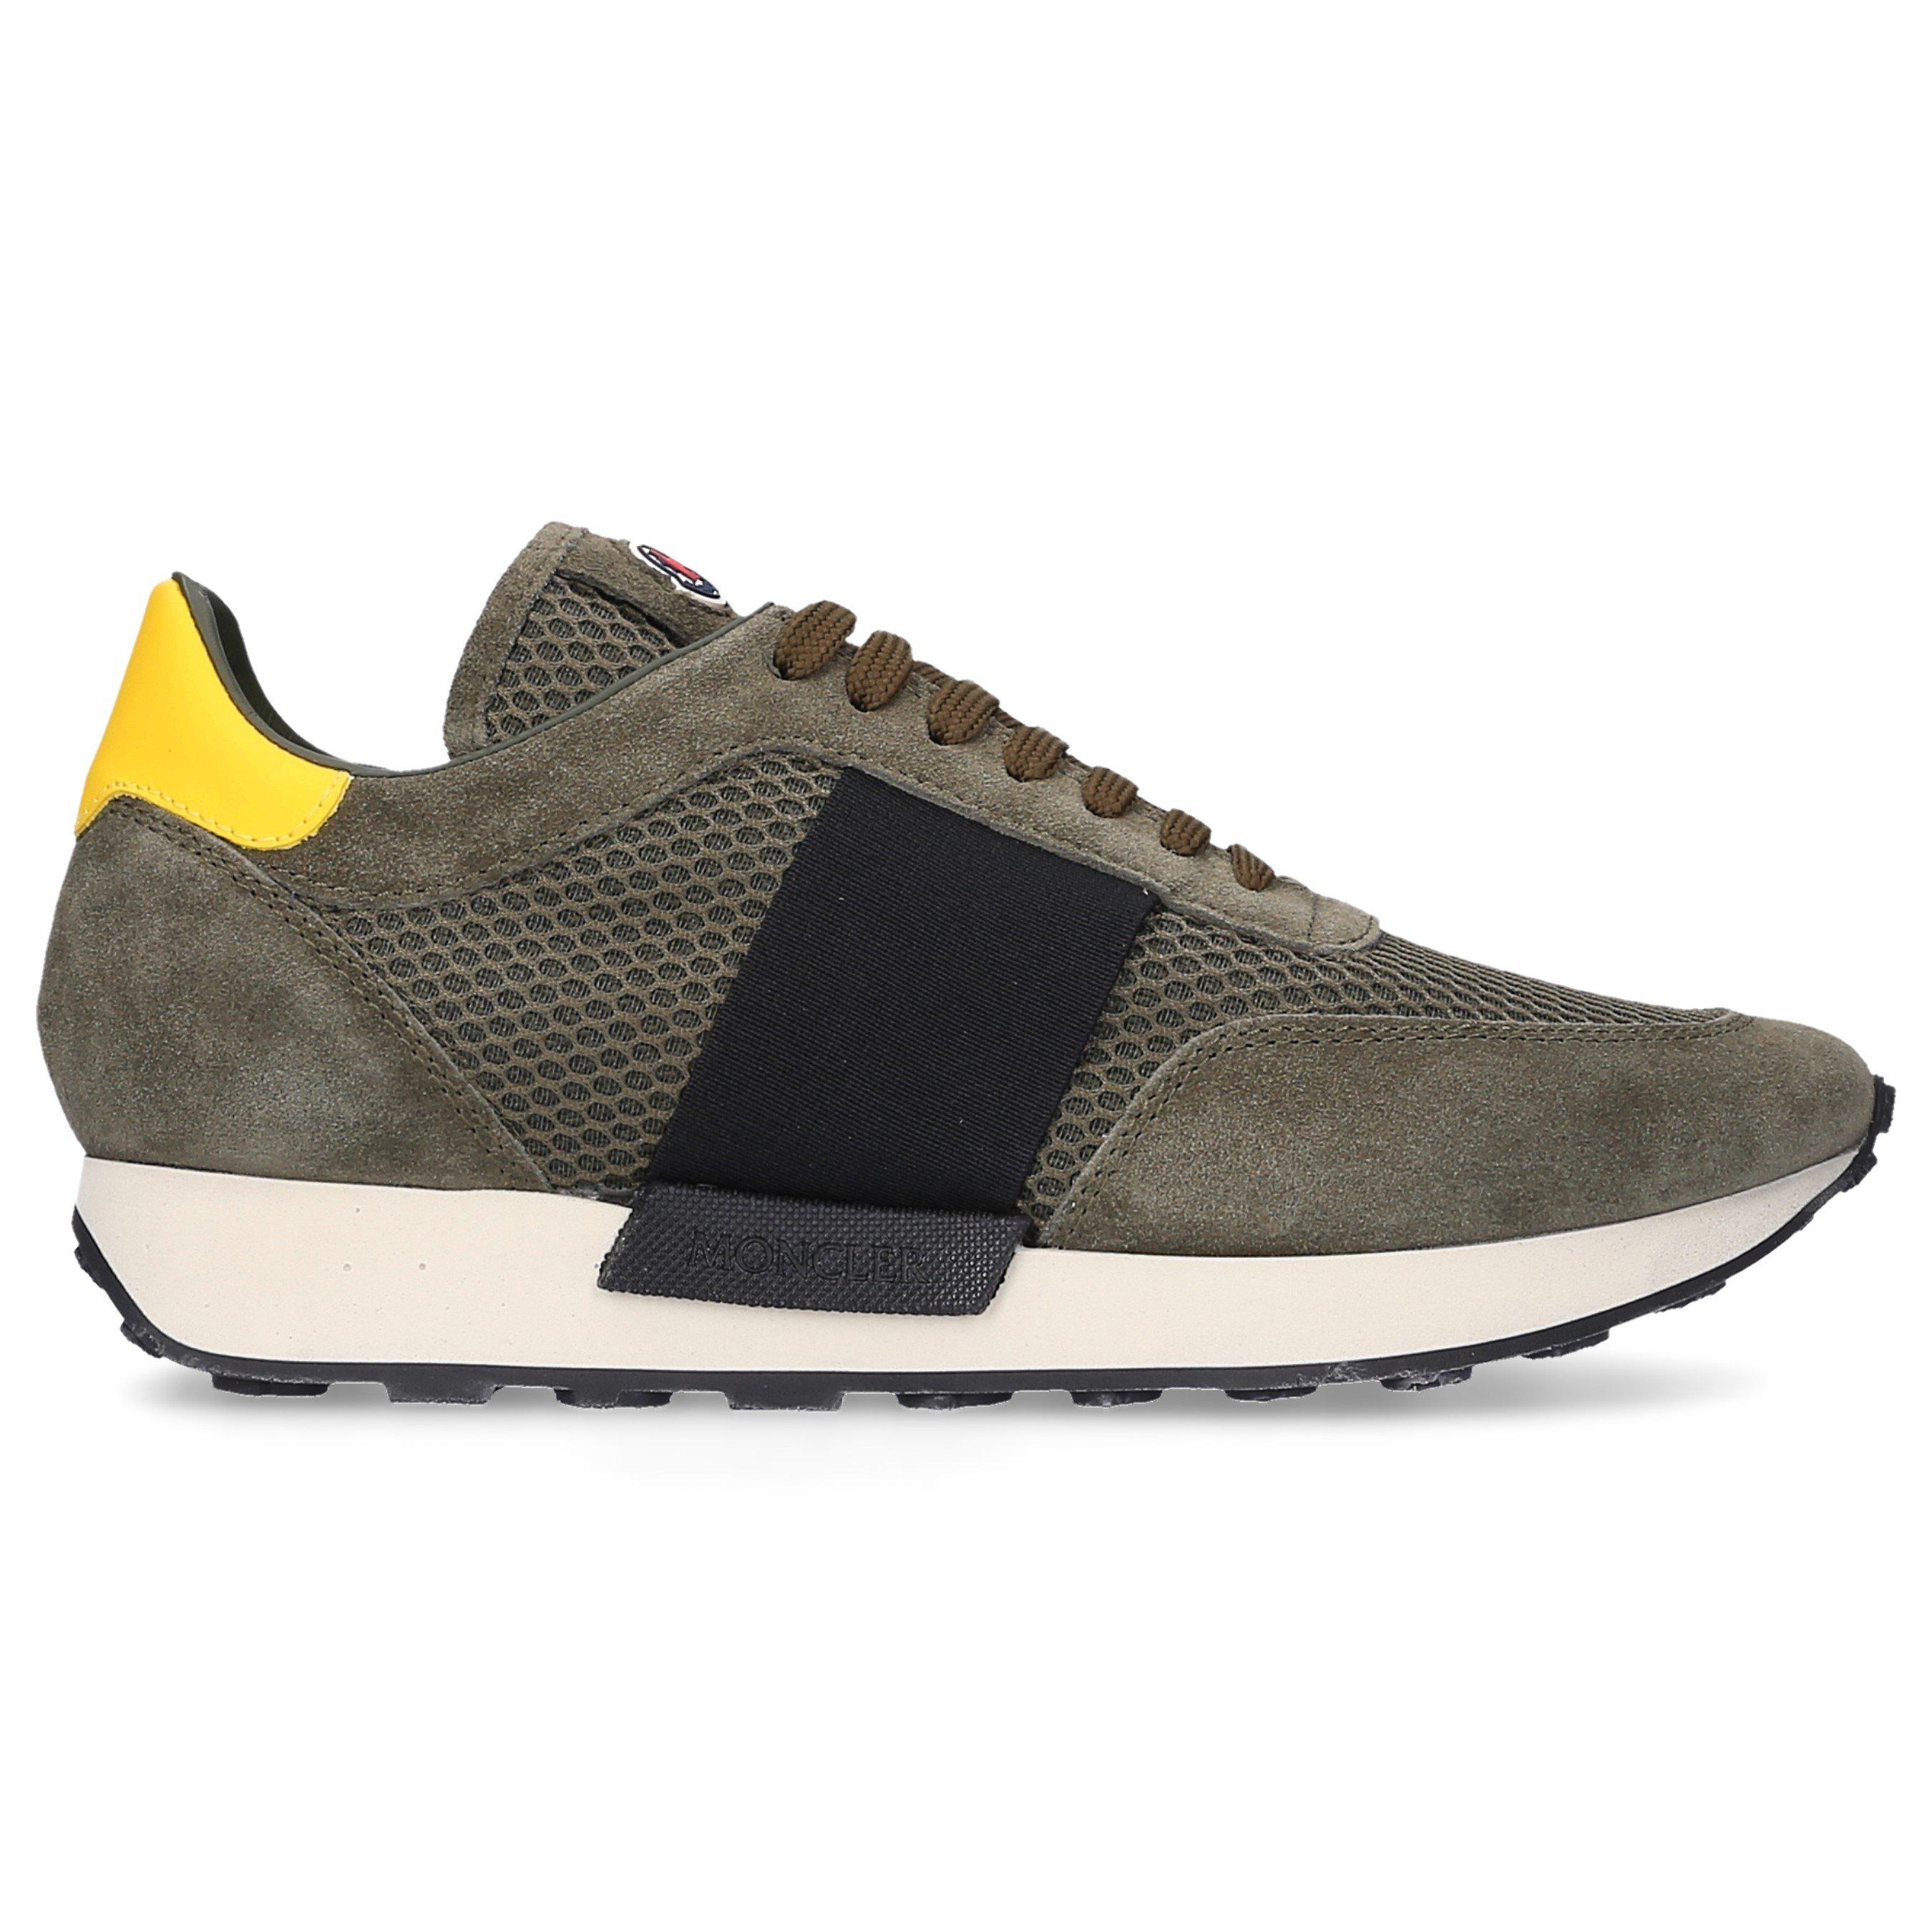 Moncler Sneaker low LOUISE  Gummi Mesh Veloursleder Logo khaki olive